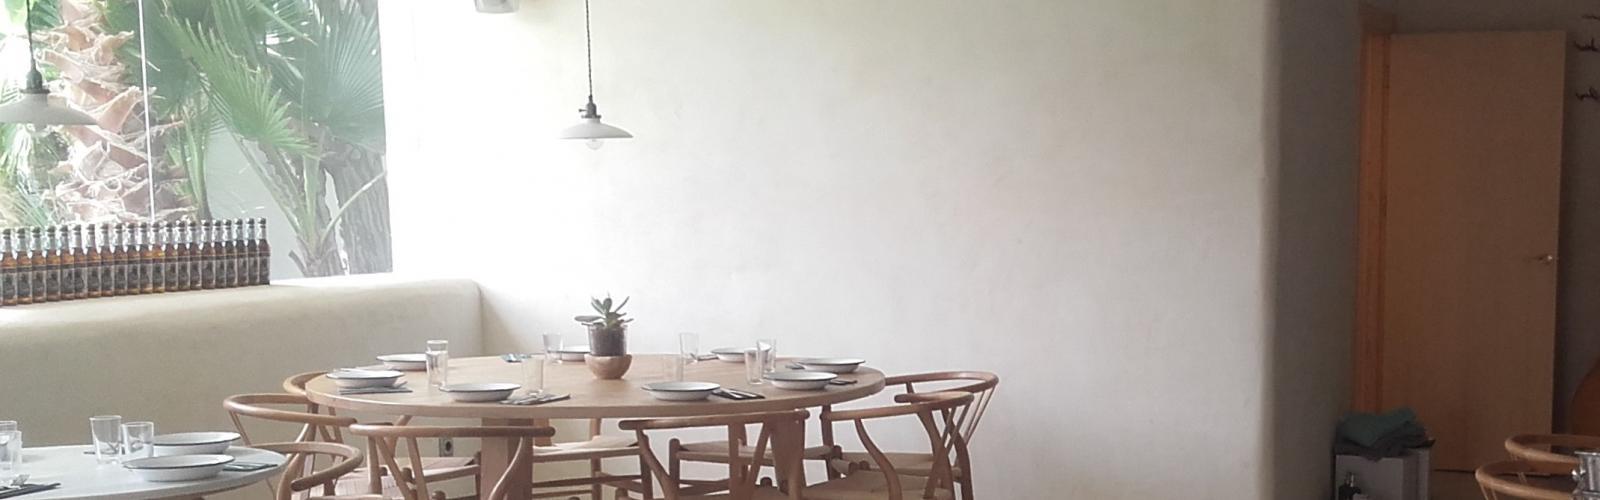 Restauracion sostenible restaurante yeso arcilla revoco cal paredes sanas bioconstruccion reforma defango